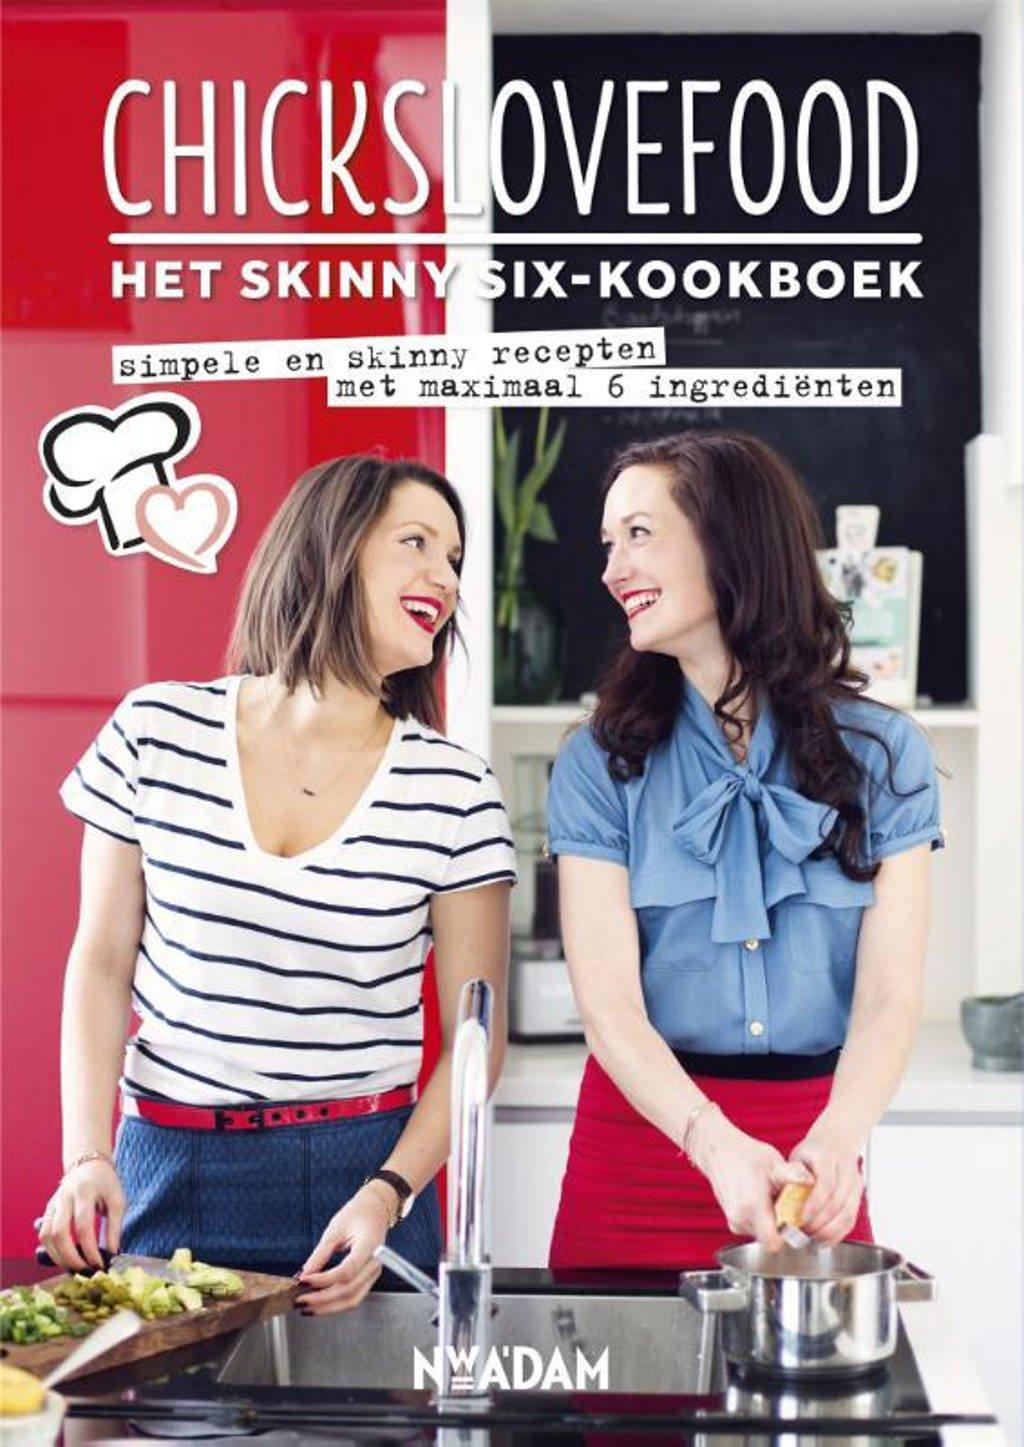 Chickslovefood: Het skinny-six kookboek - Nina de Bruijn en Elise Gruppen